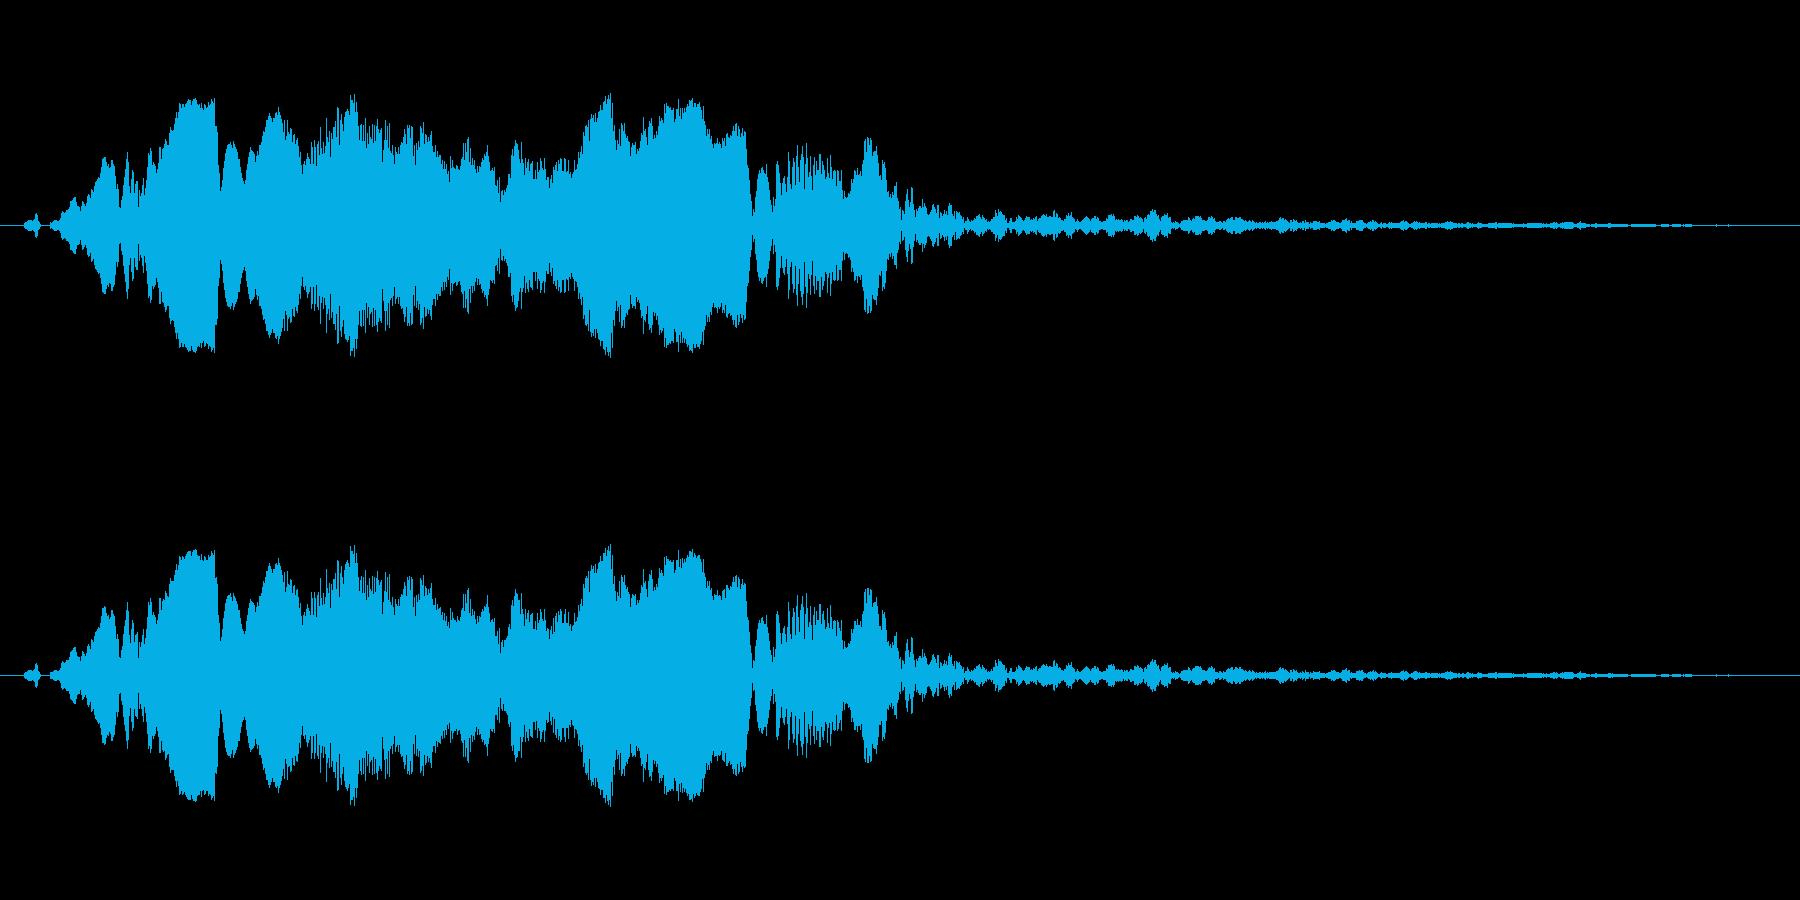 【鷹】とてもリアルな鷹、たかの鳴き声3!の再生済みの波形